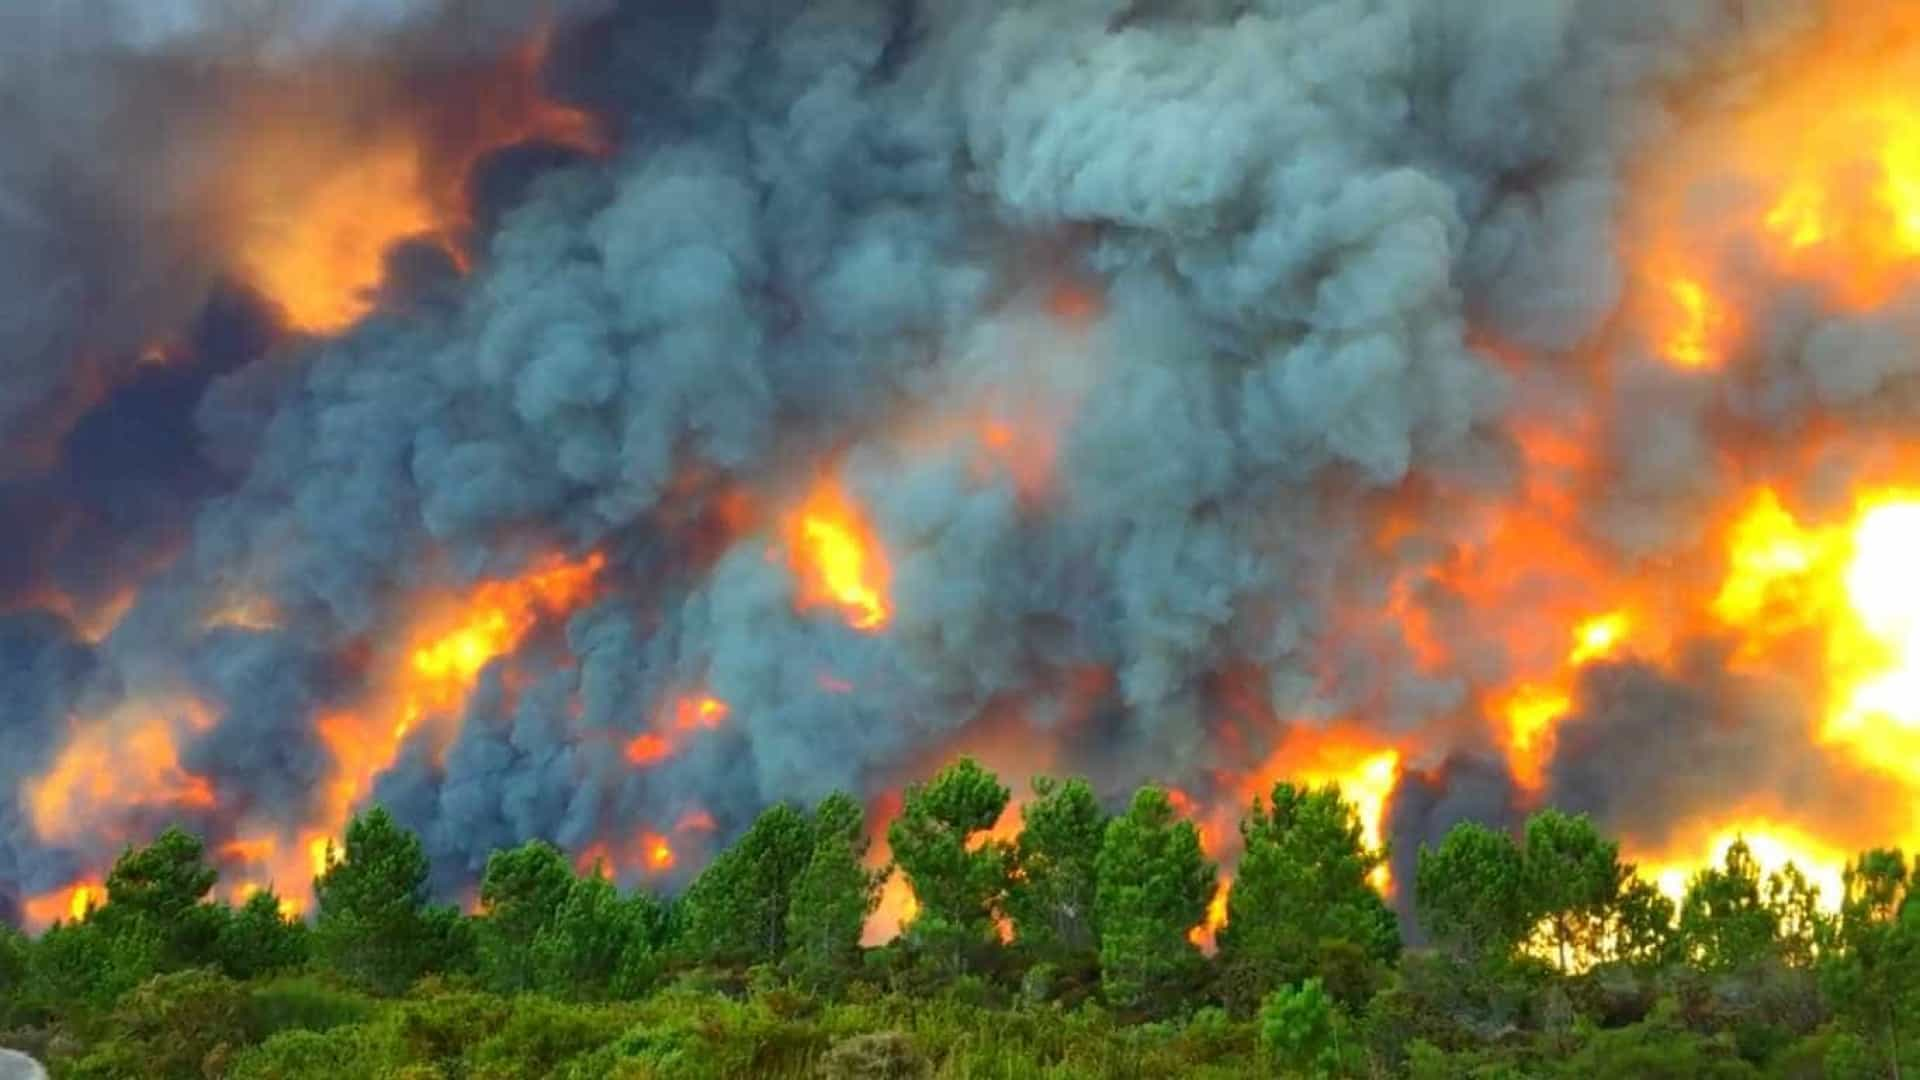 O impressionante inferno em Vieira de Leiria